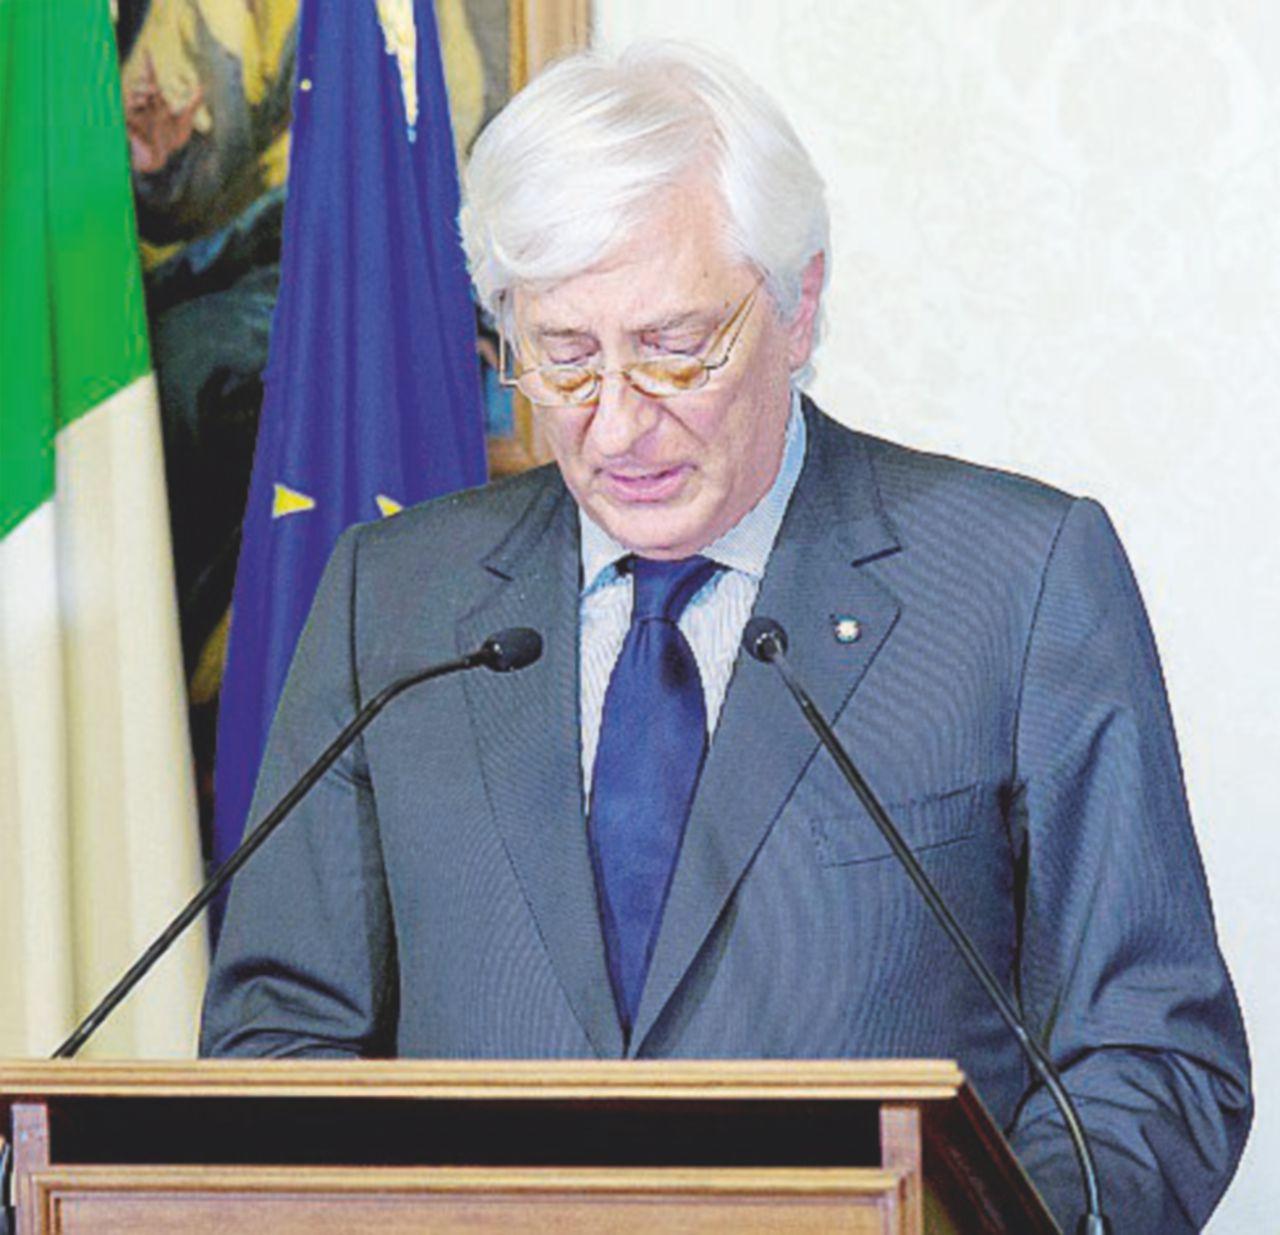 Crisi di governo, Mattarella punta sulle consultazioni per chiarire le idee al Pd e superare la crisi (anche di Renzi)